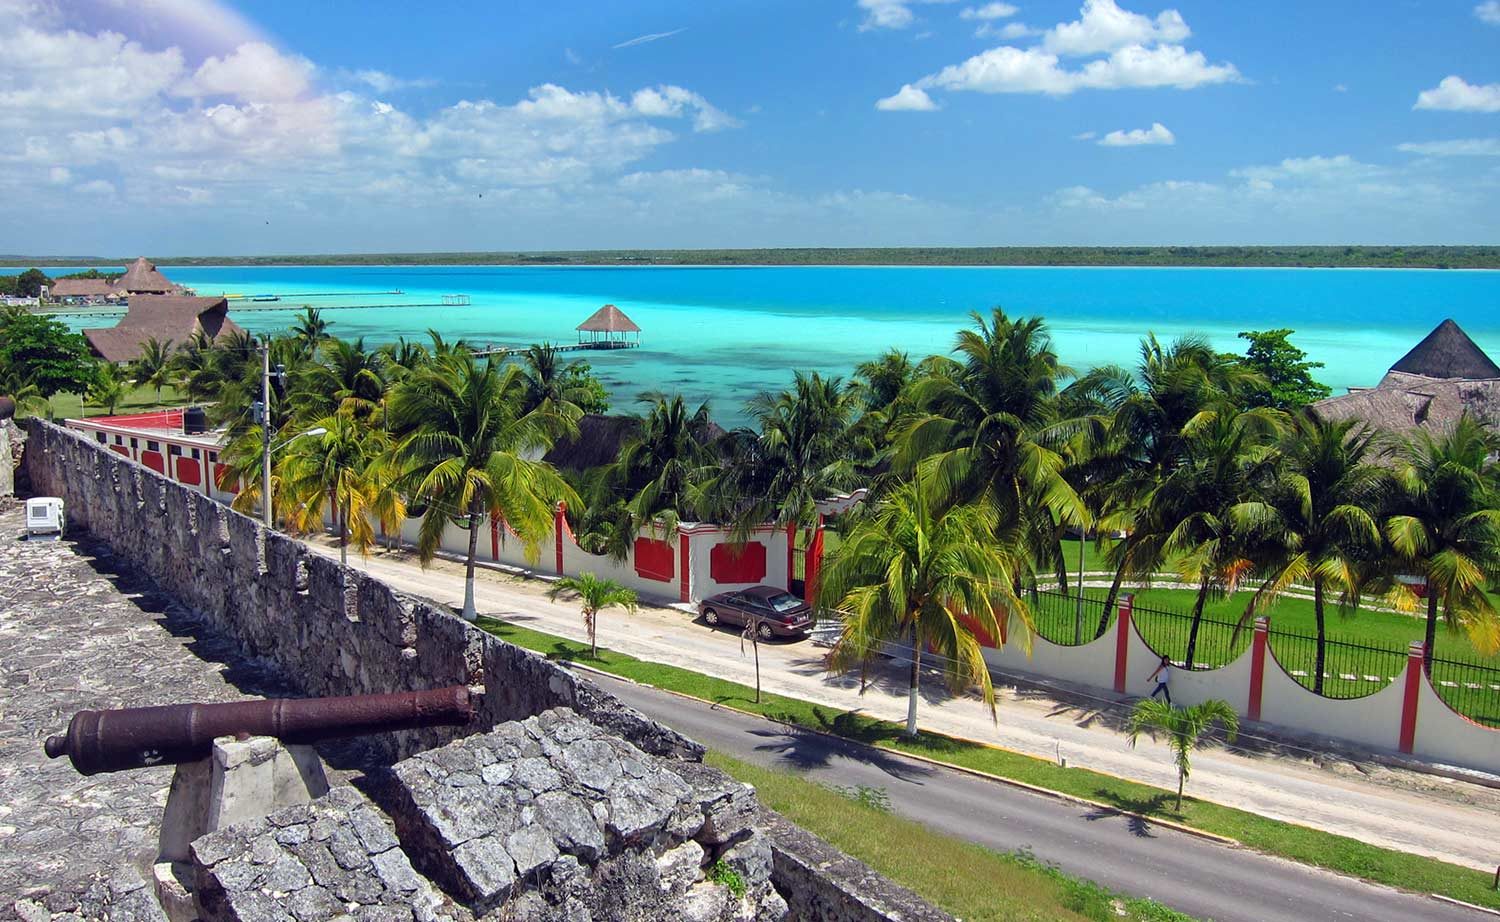 laguna-di-bacalar-maya-vacanze3